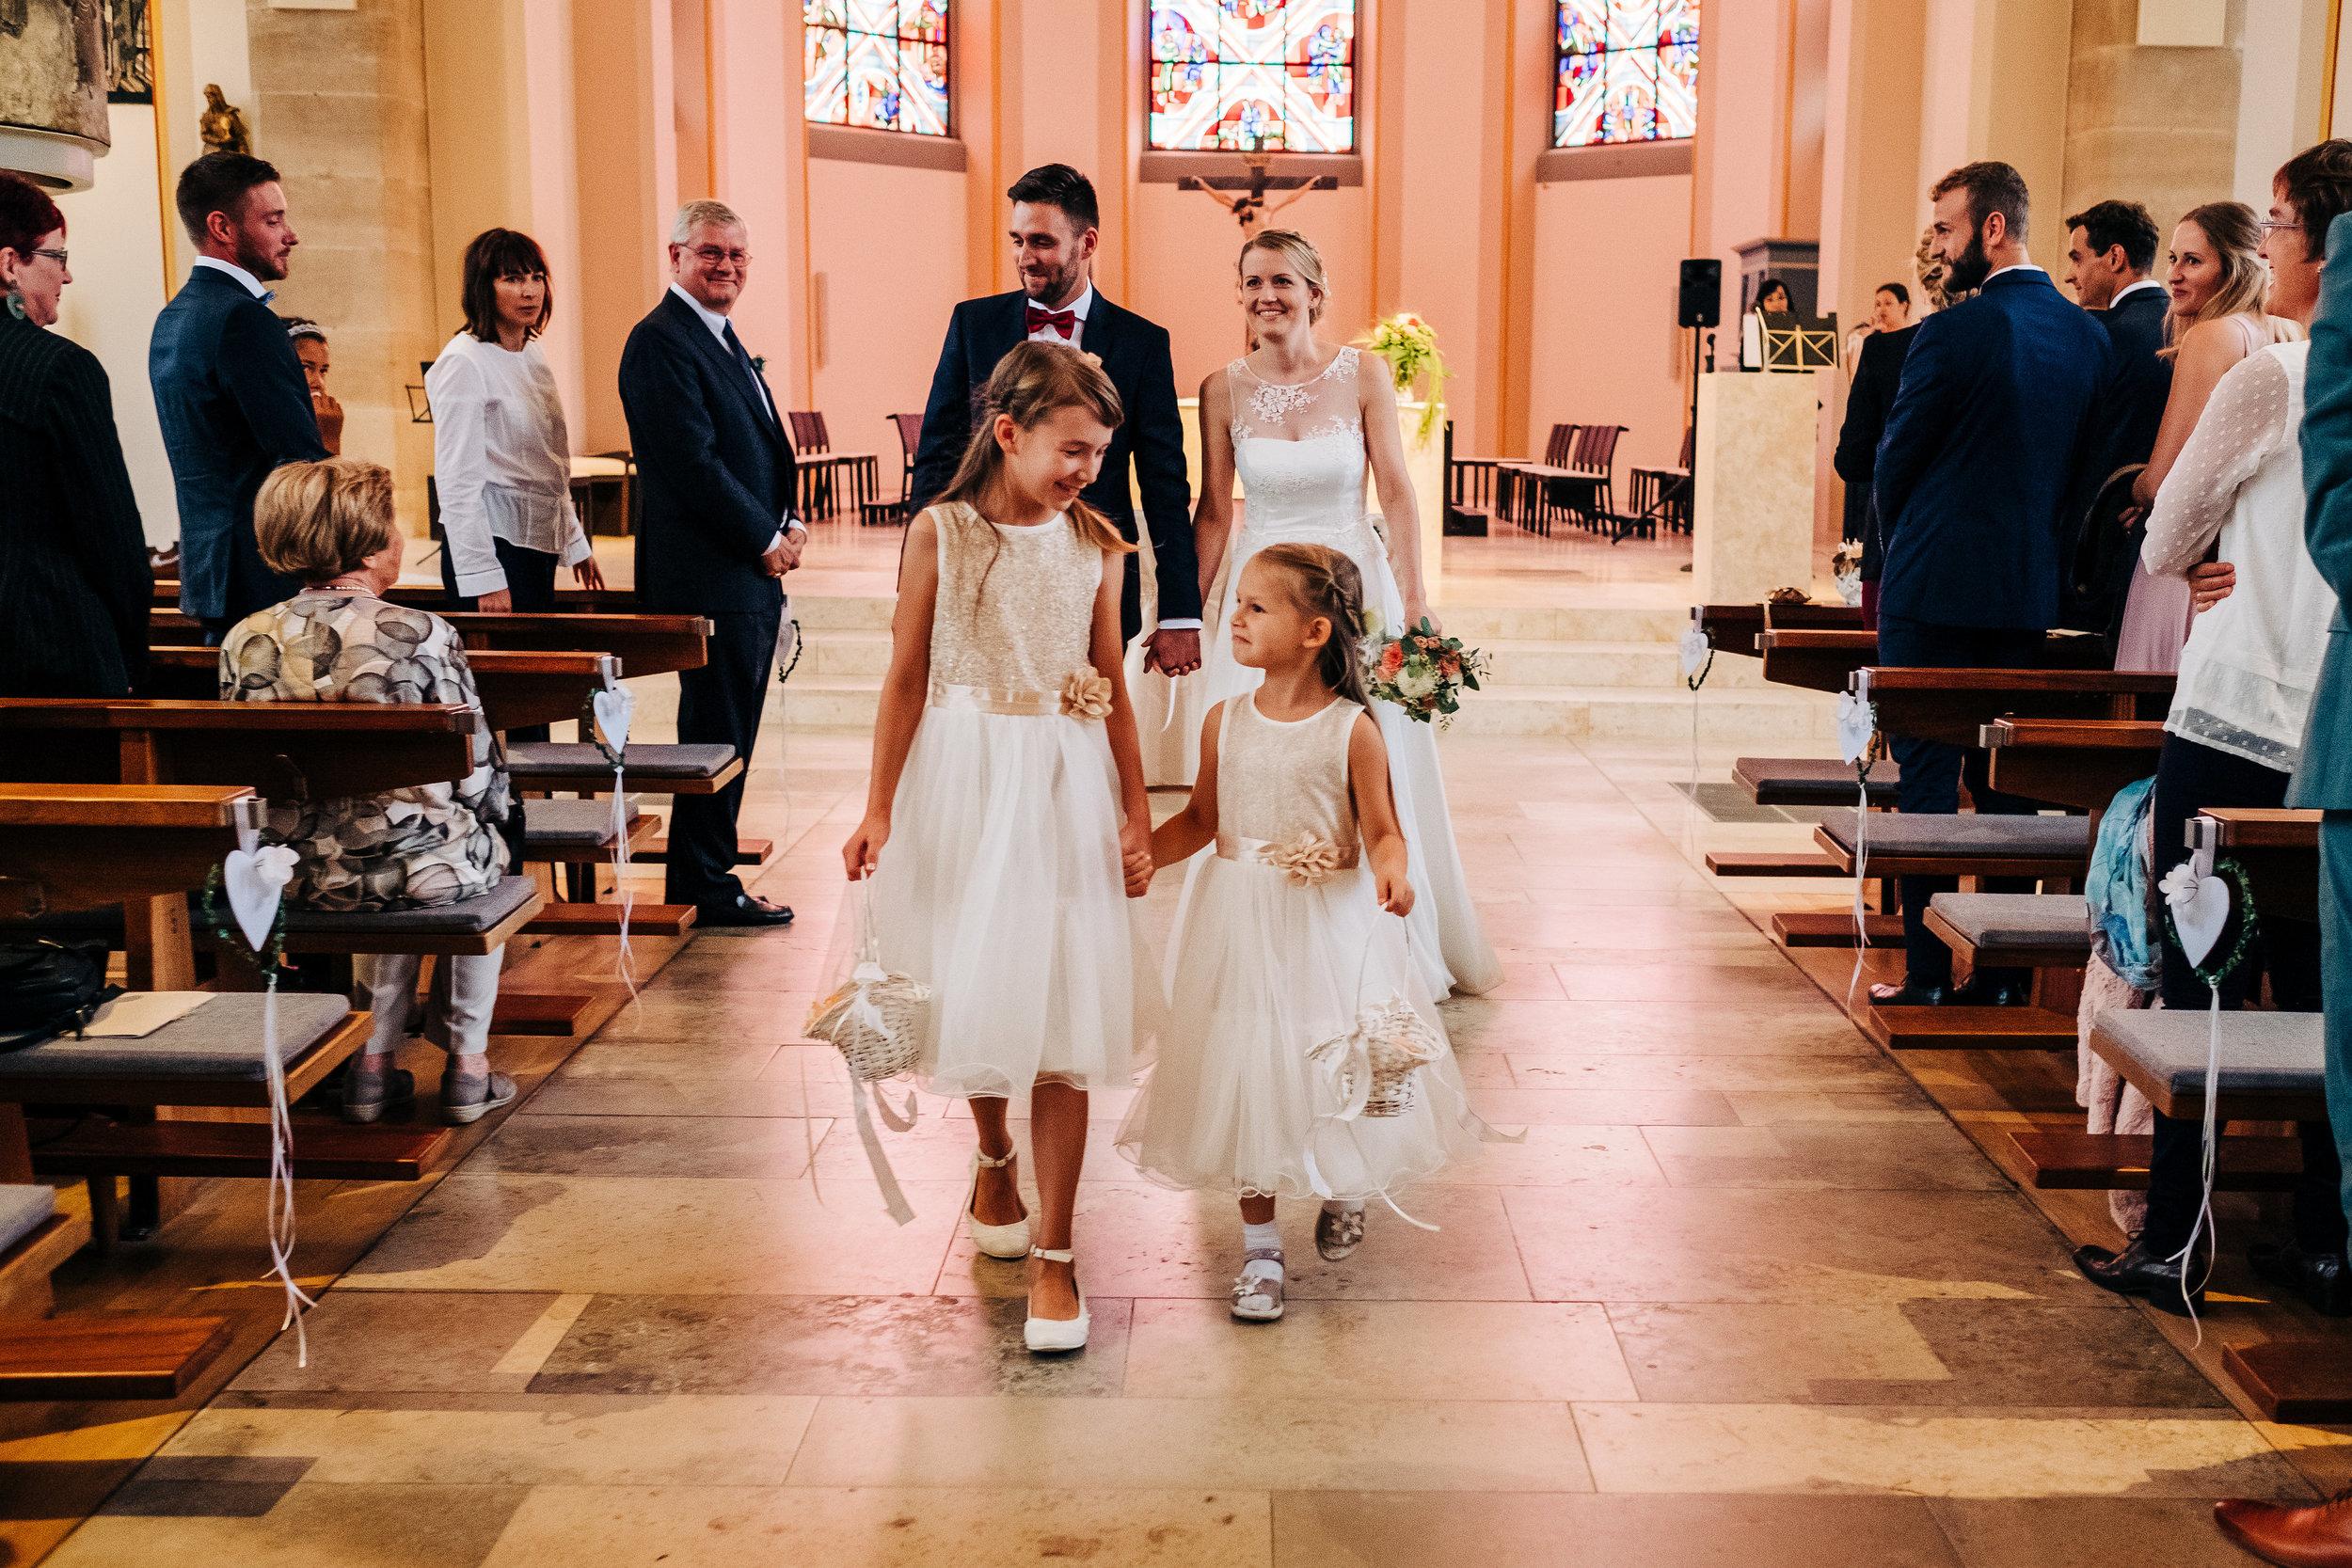 Anna-Hari-Photography-Hochzeitsfotografie-U&H-687.jpg